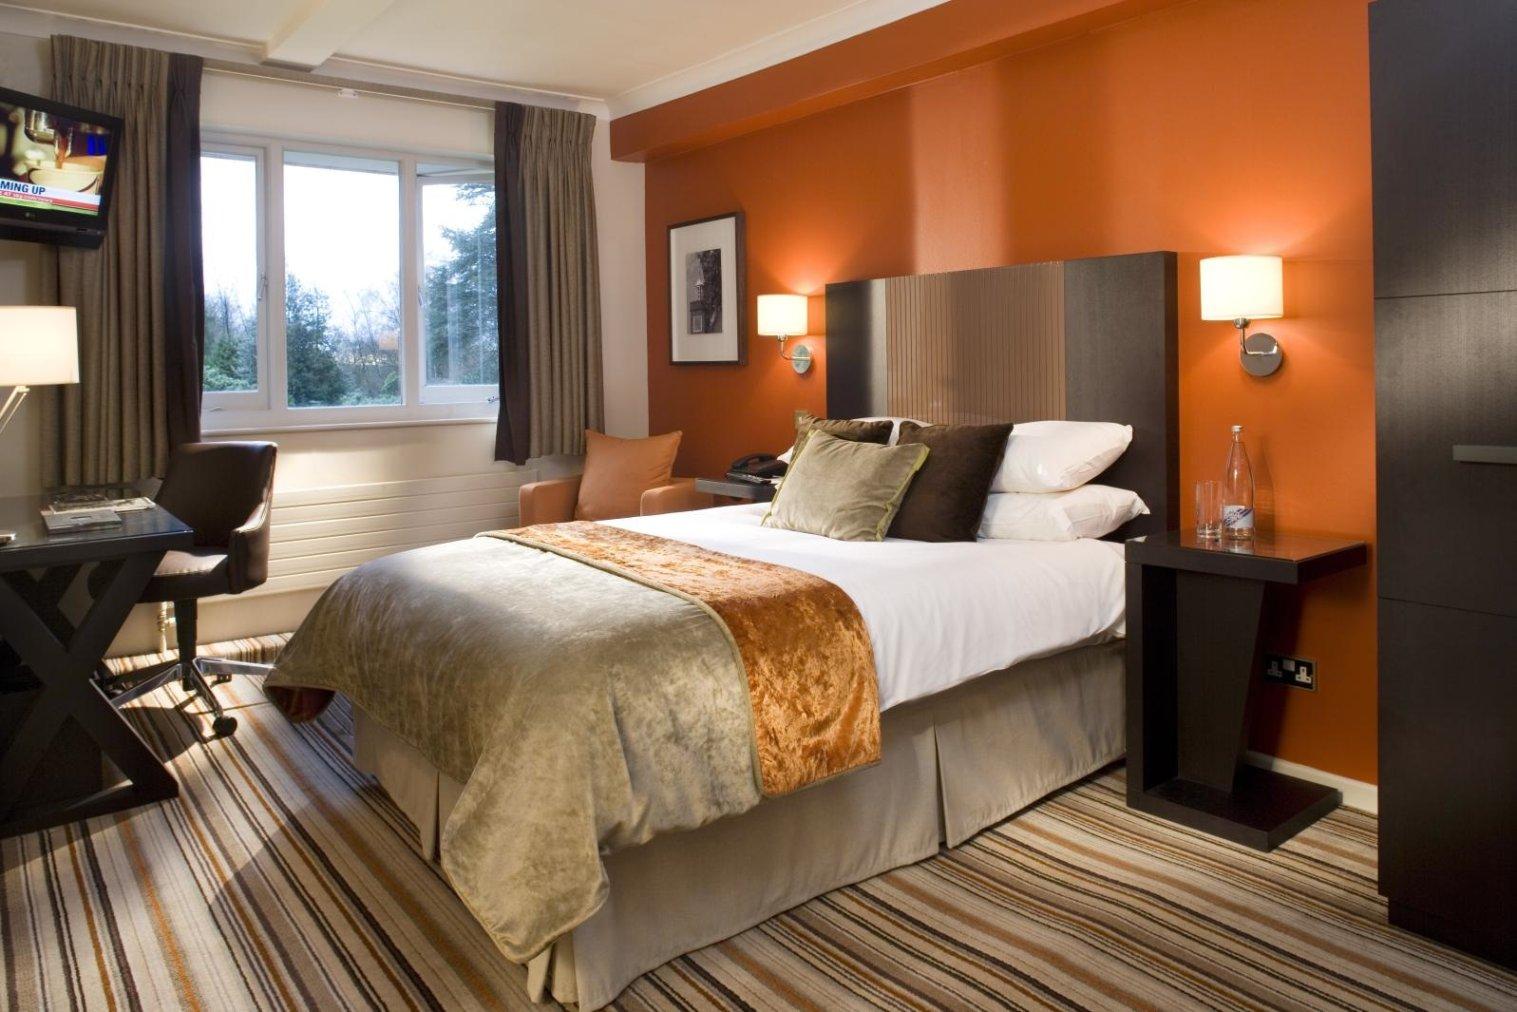 Warm Bedroom Paint Colors Ideas